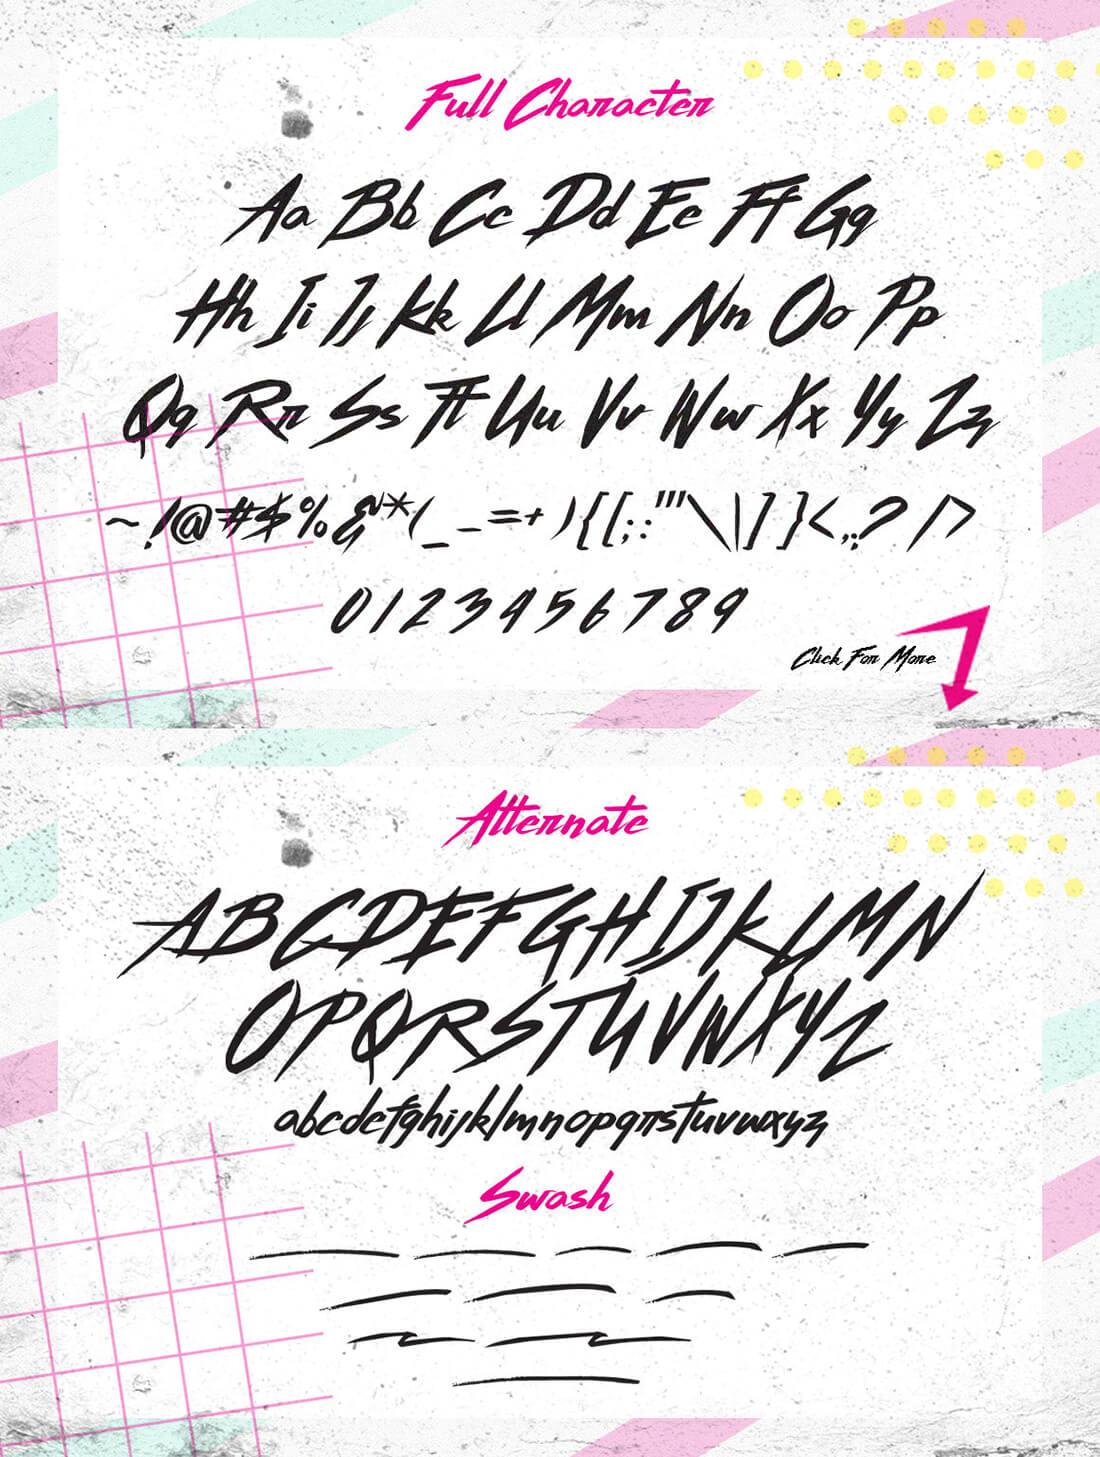 '80s Inspired Hand-Made Brush Script Thunderstorm Typeface ...